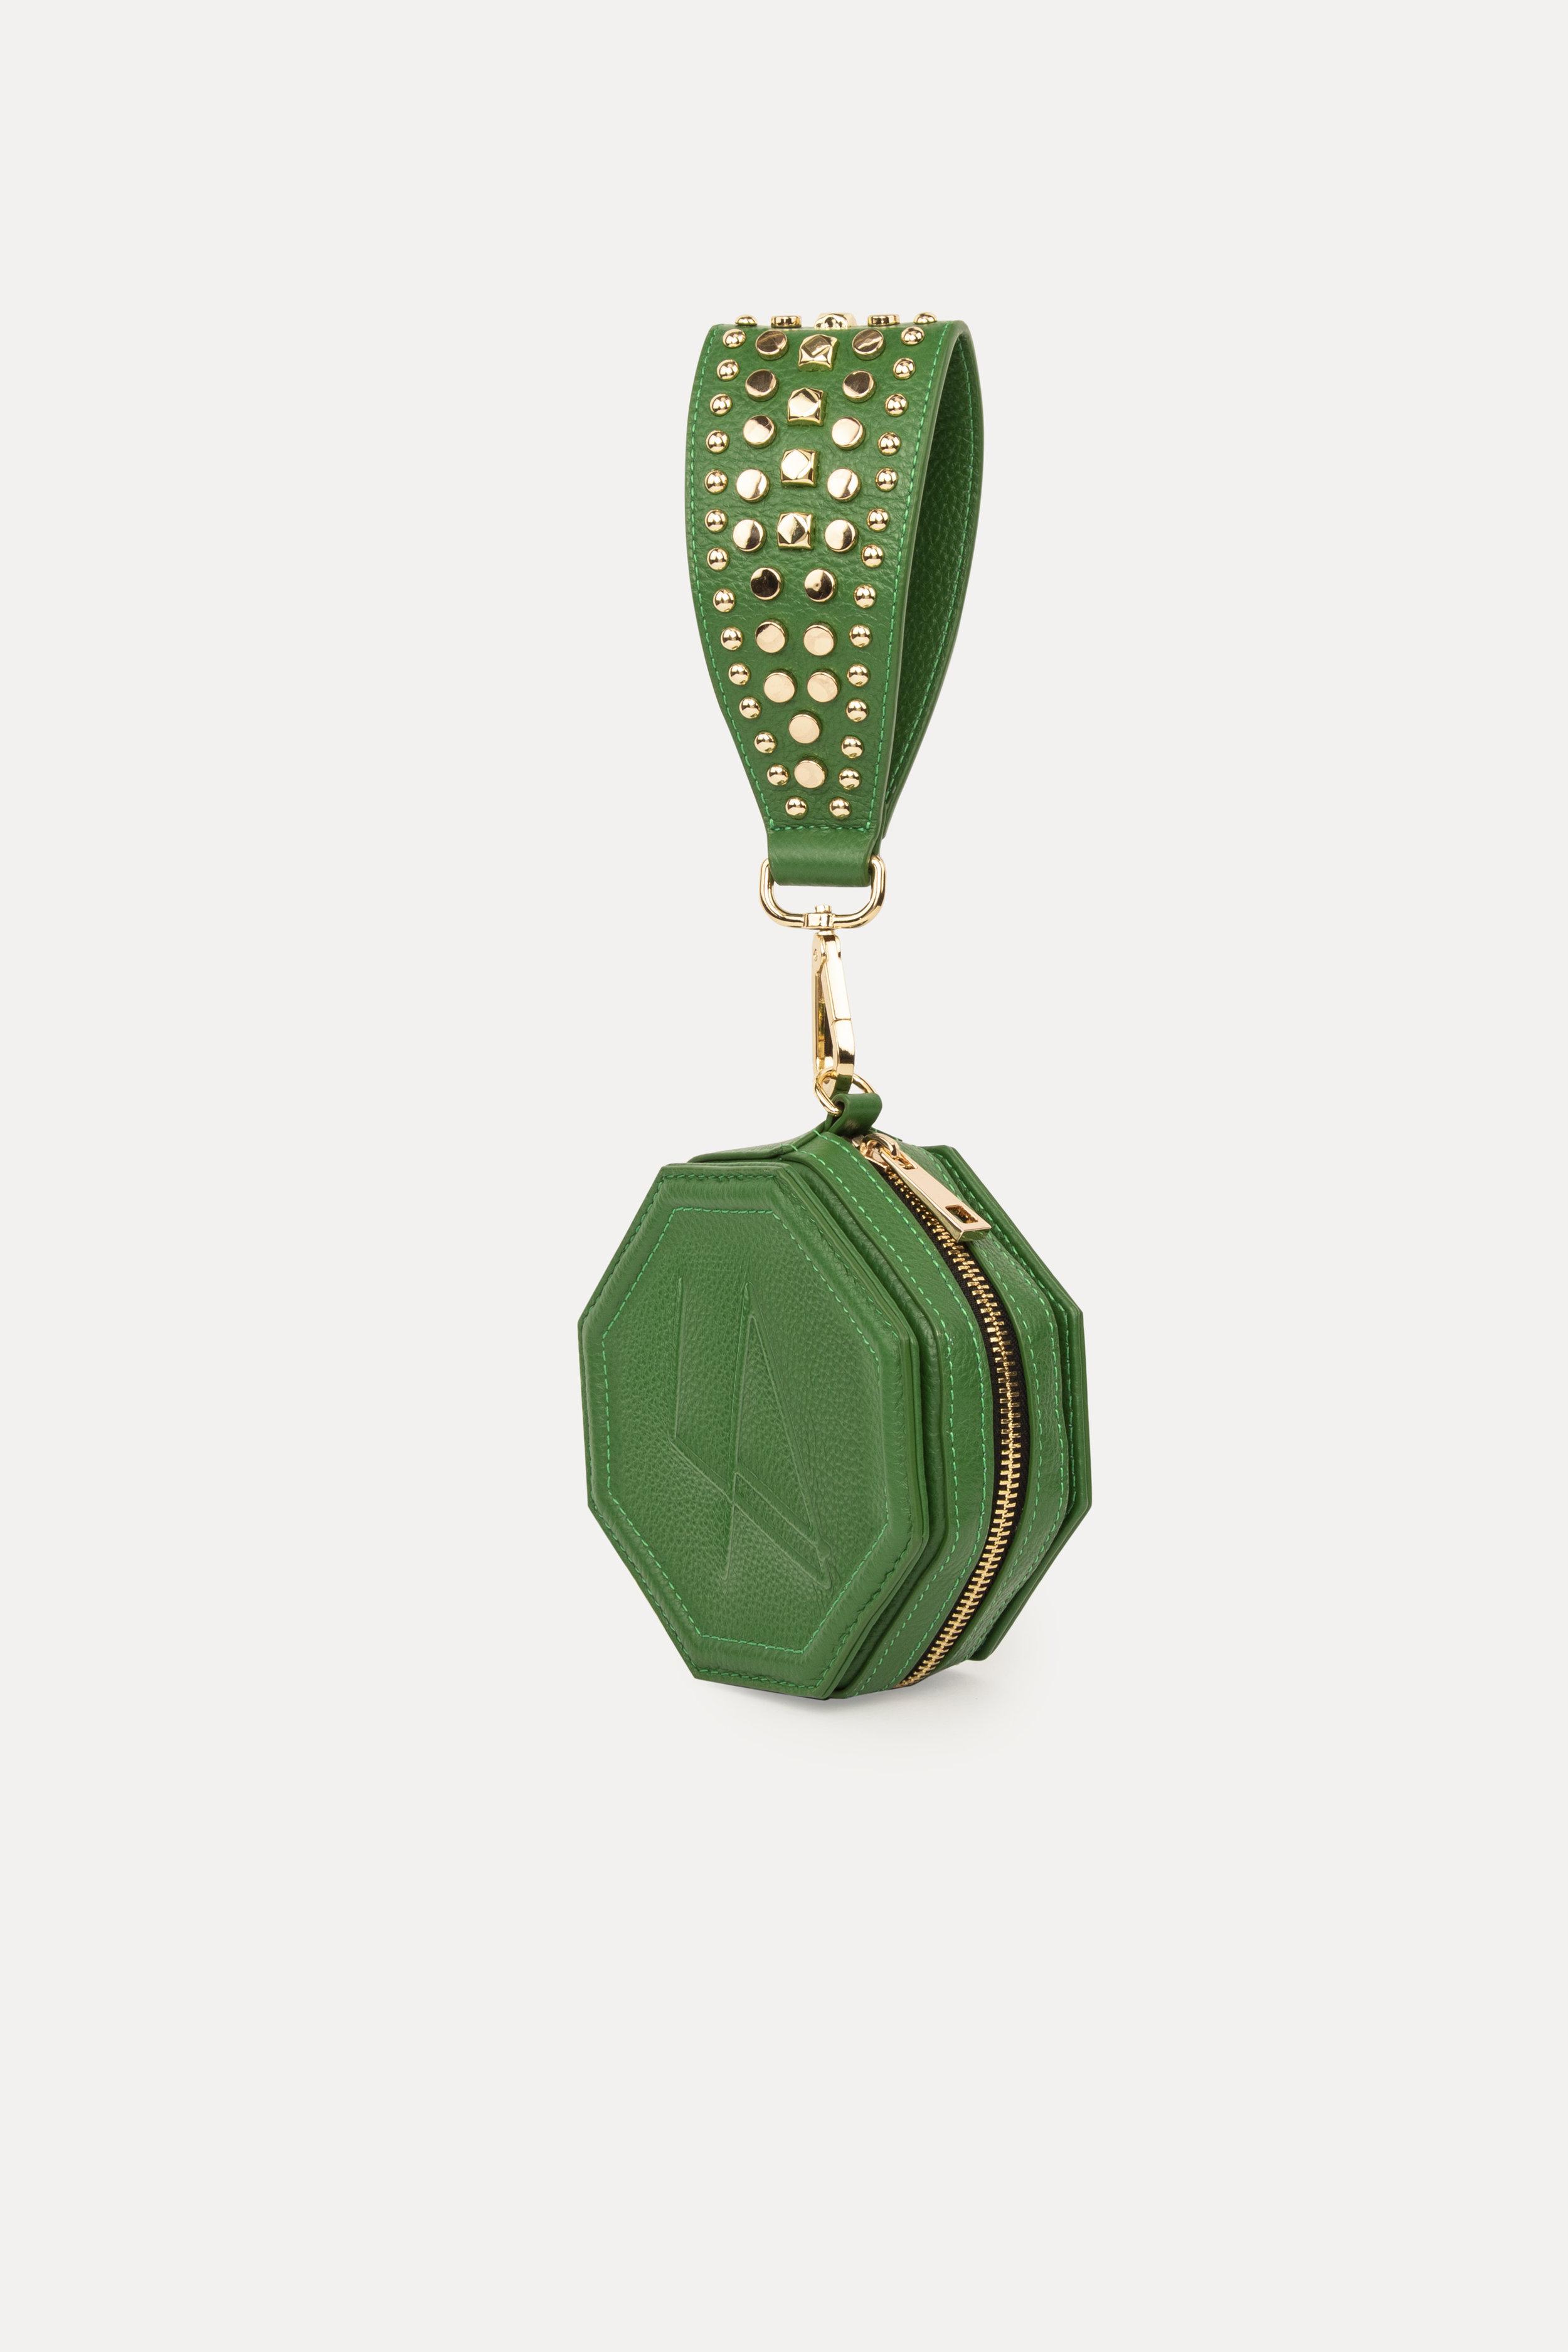 green octa side new.JPG